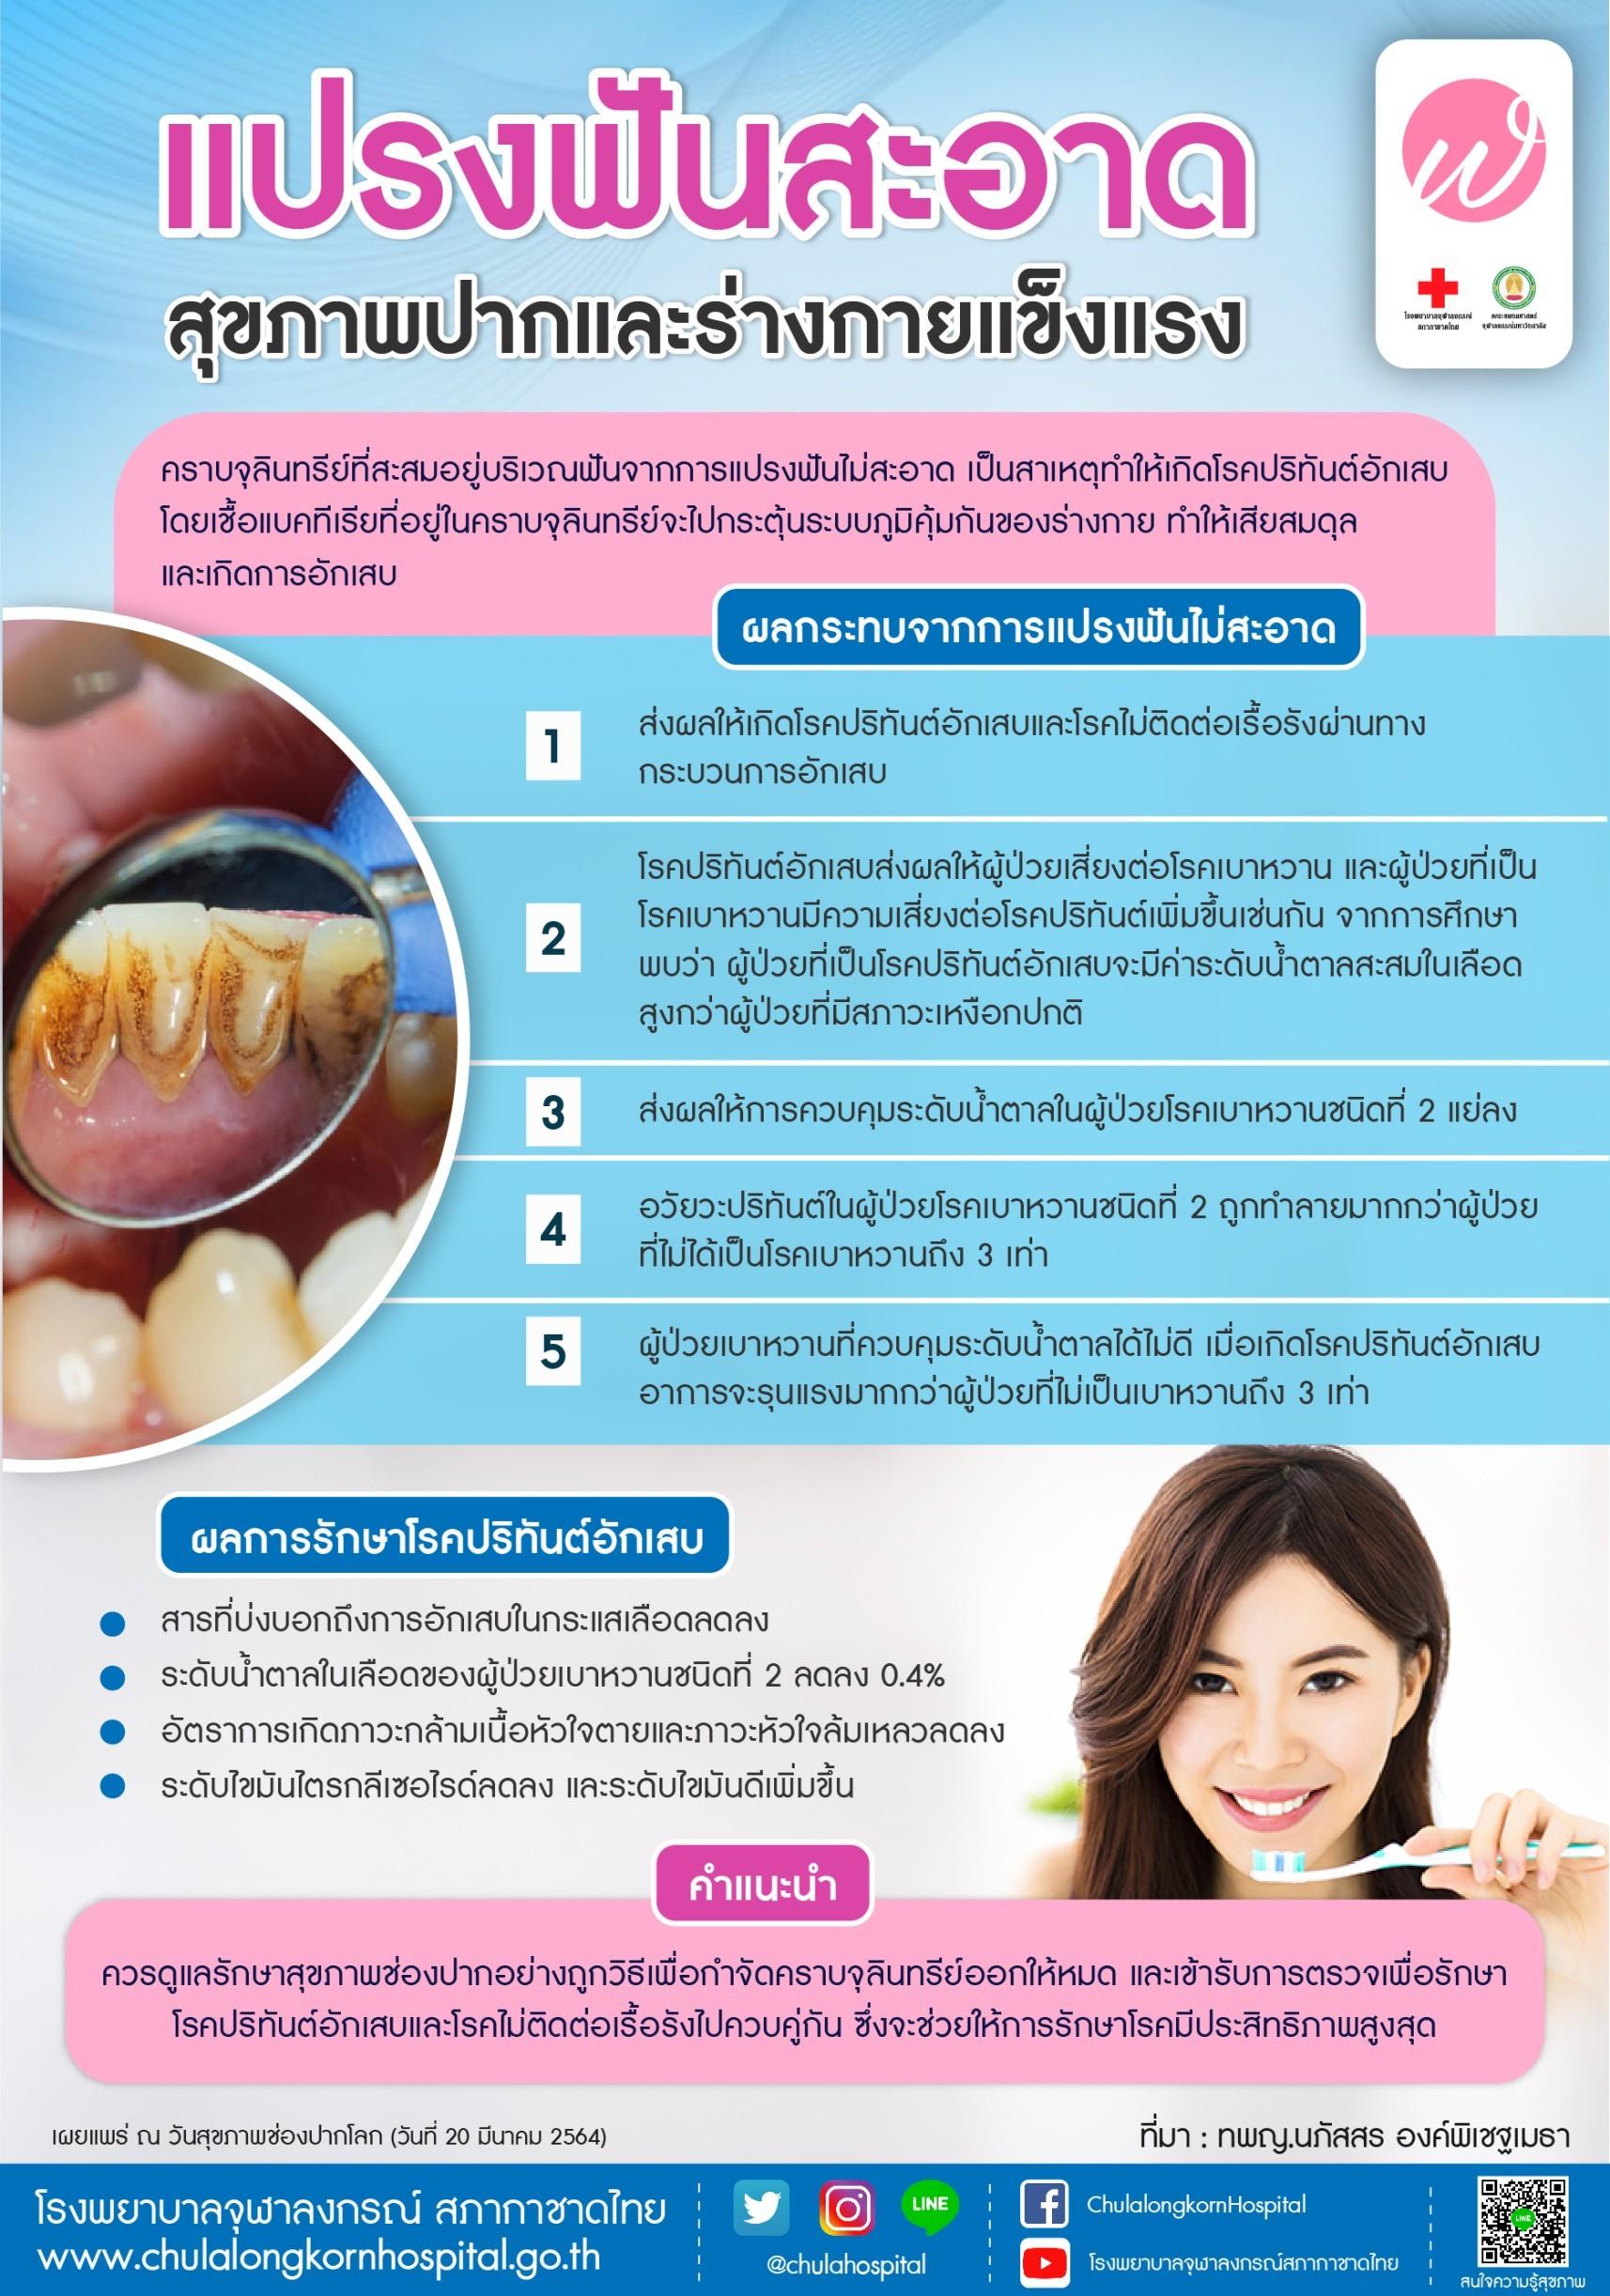 แปรงฟันสะอาดสุขภาพปากและร่างกายแข็งแรง